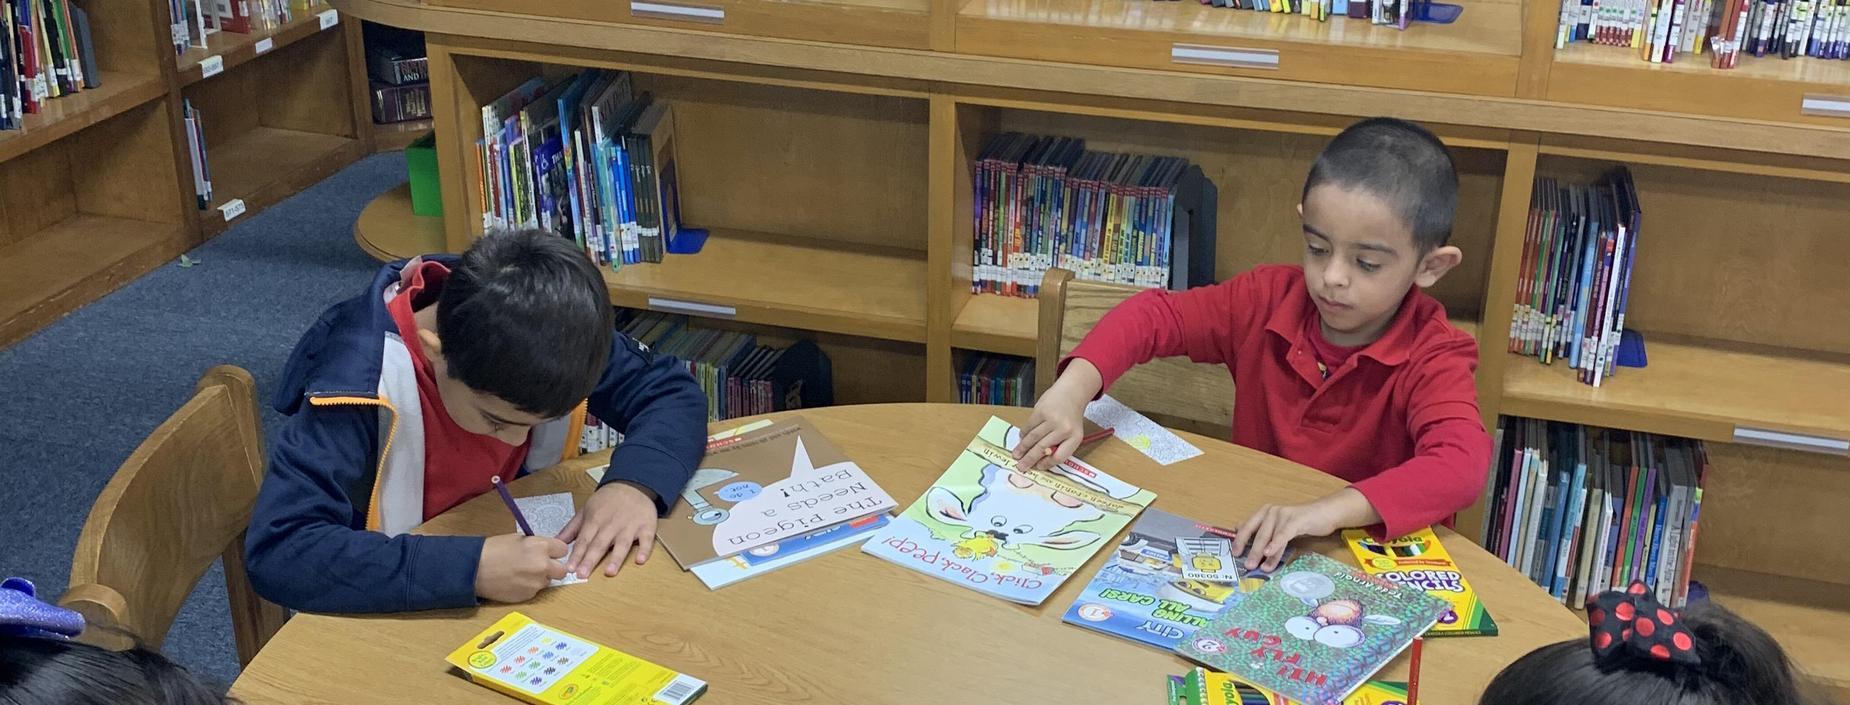 1st Grade Books for Ownership Program